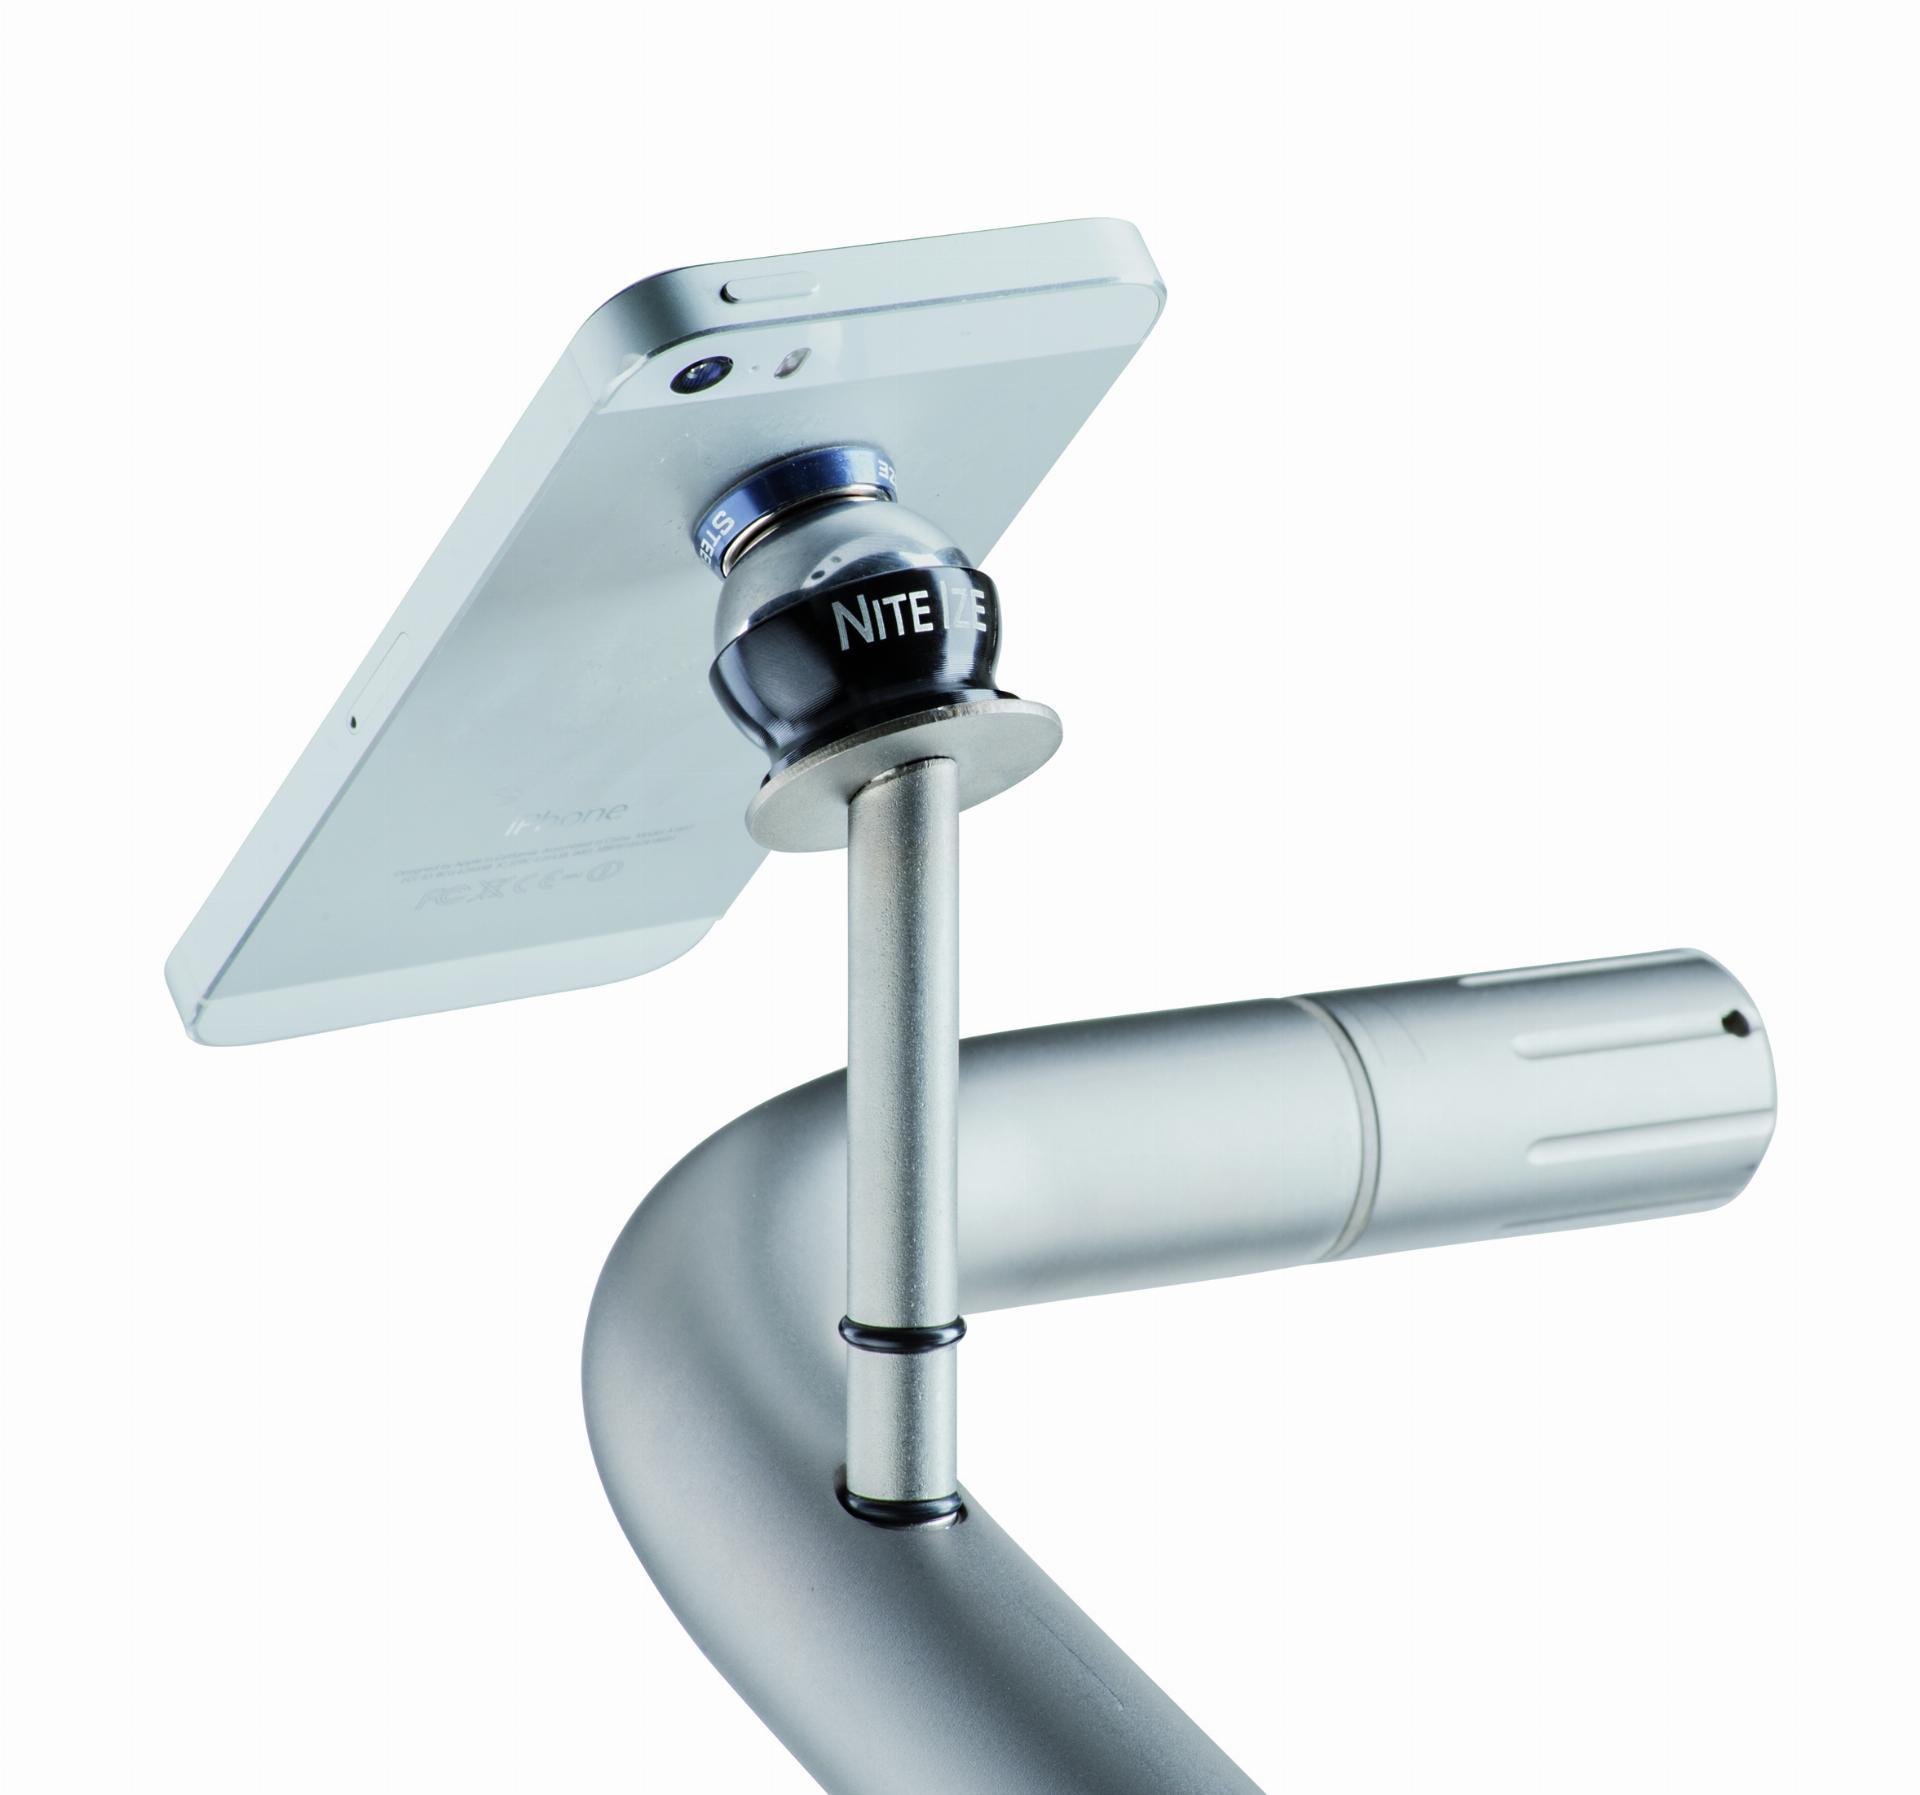 JuCad - Magnethalterung für iPhone, Fernsteuerung oder GPS-Systeme